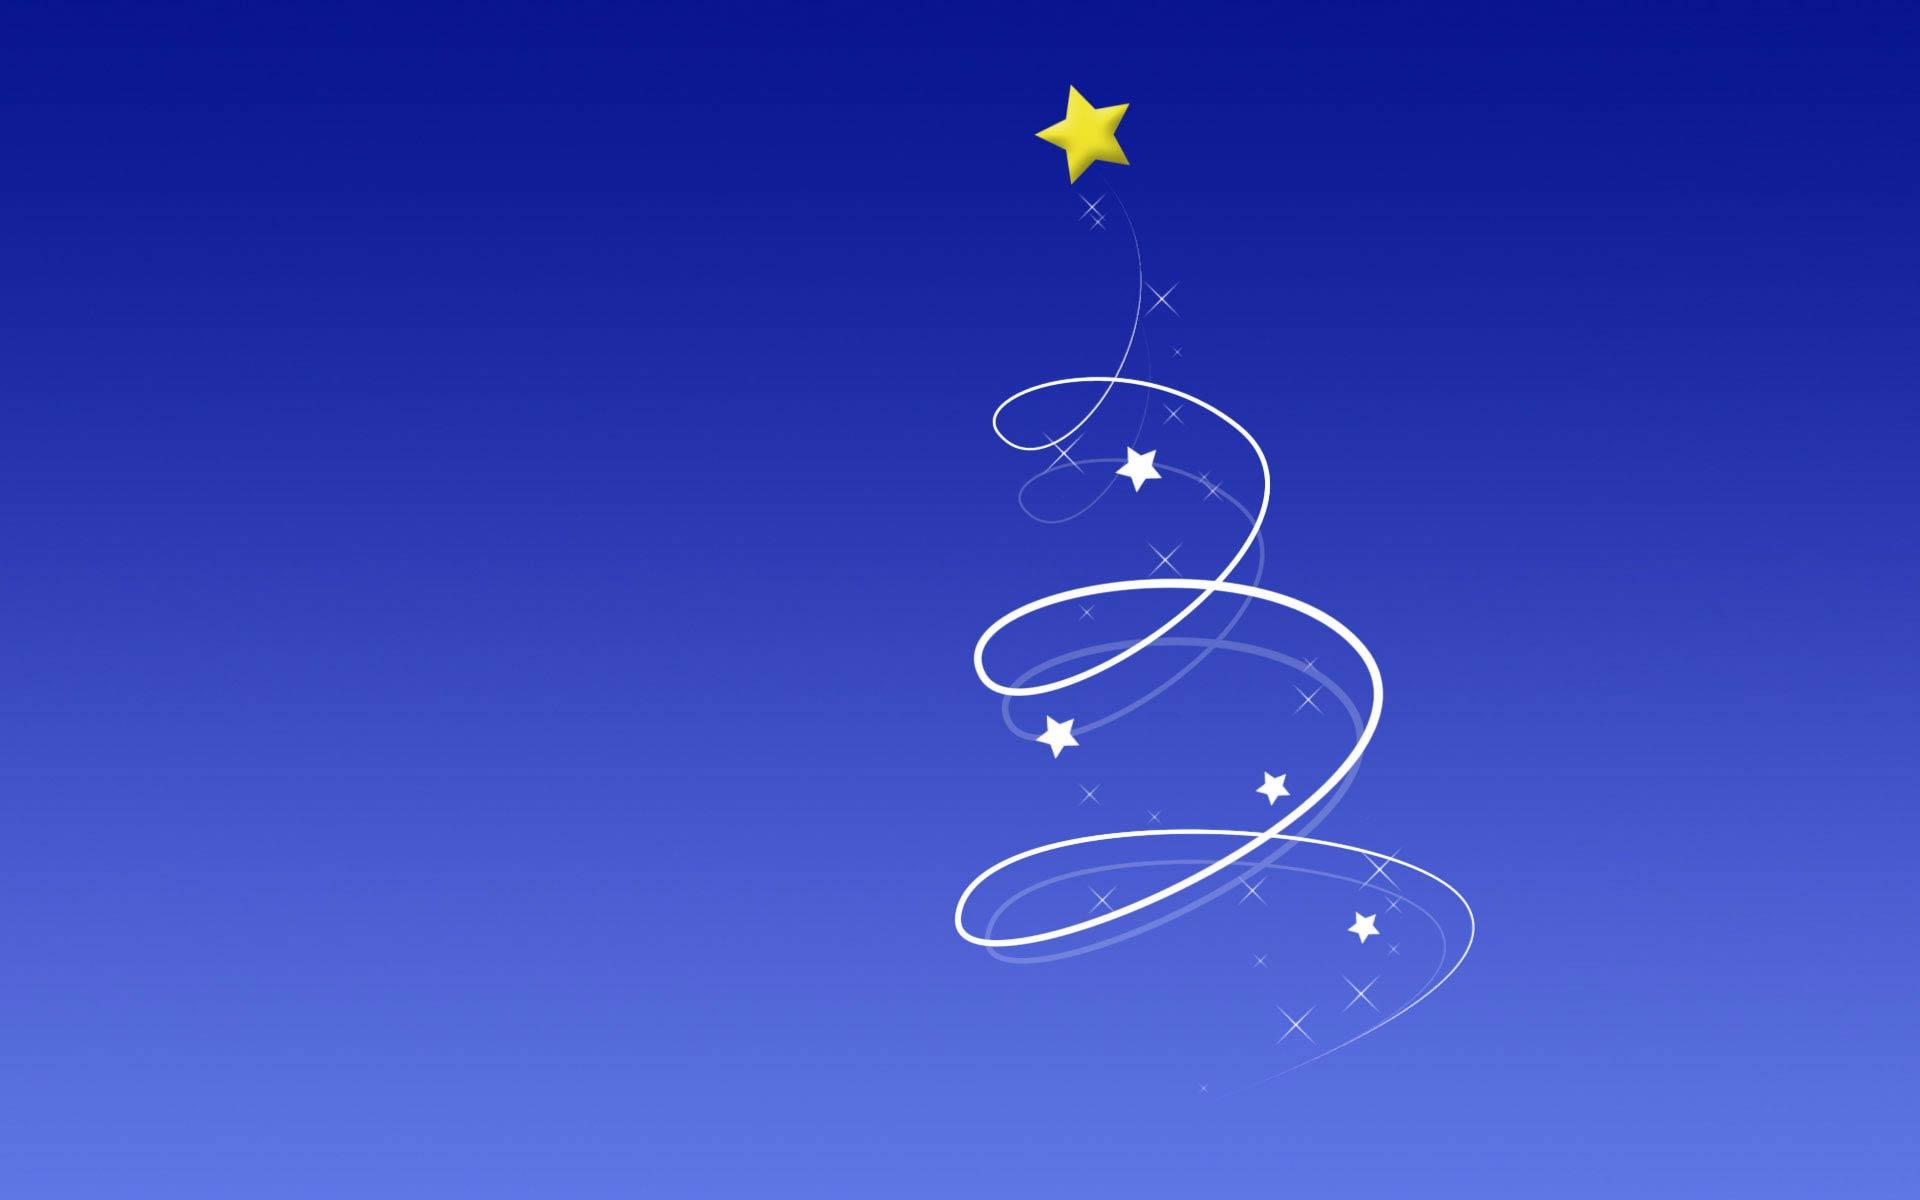 Sfondo Natalizio - Sfondo natalizio azzurro